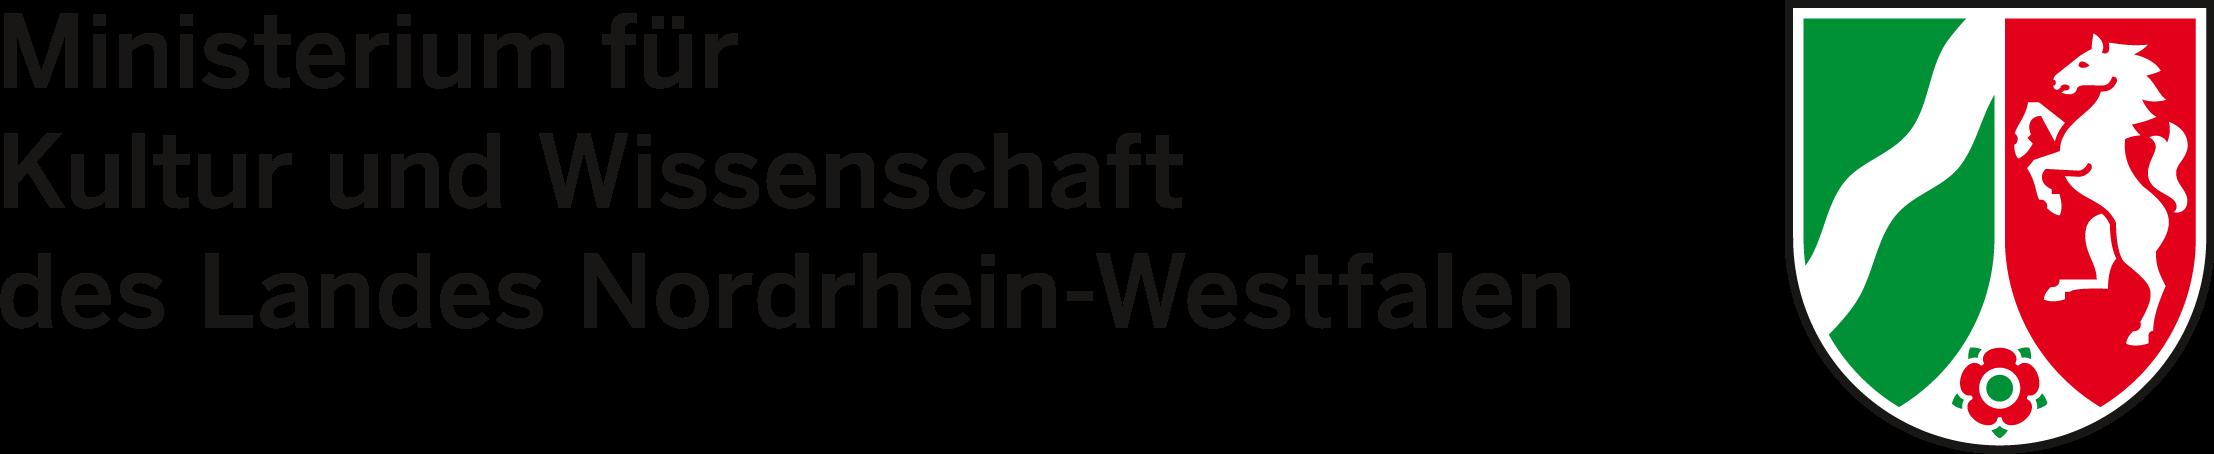 Ministerium für Kultur und Wissenschaft des Landes NRW